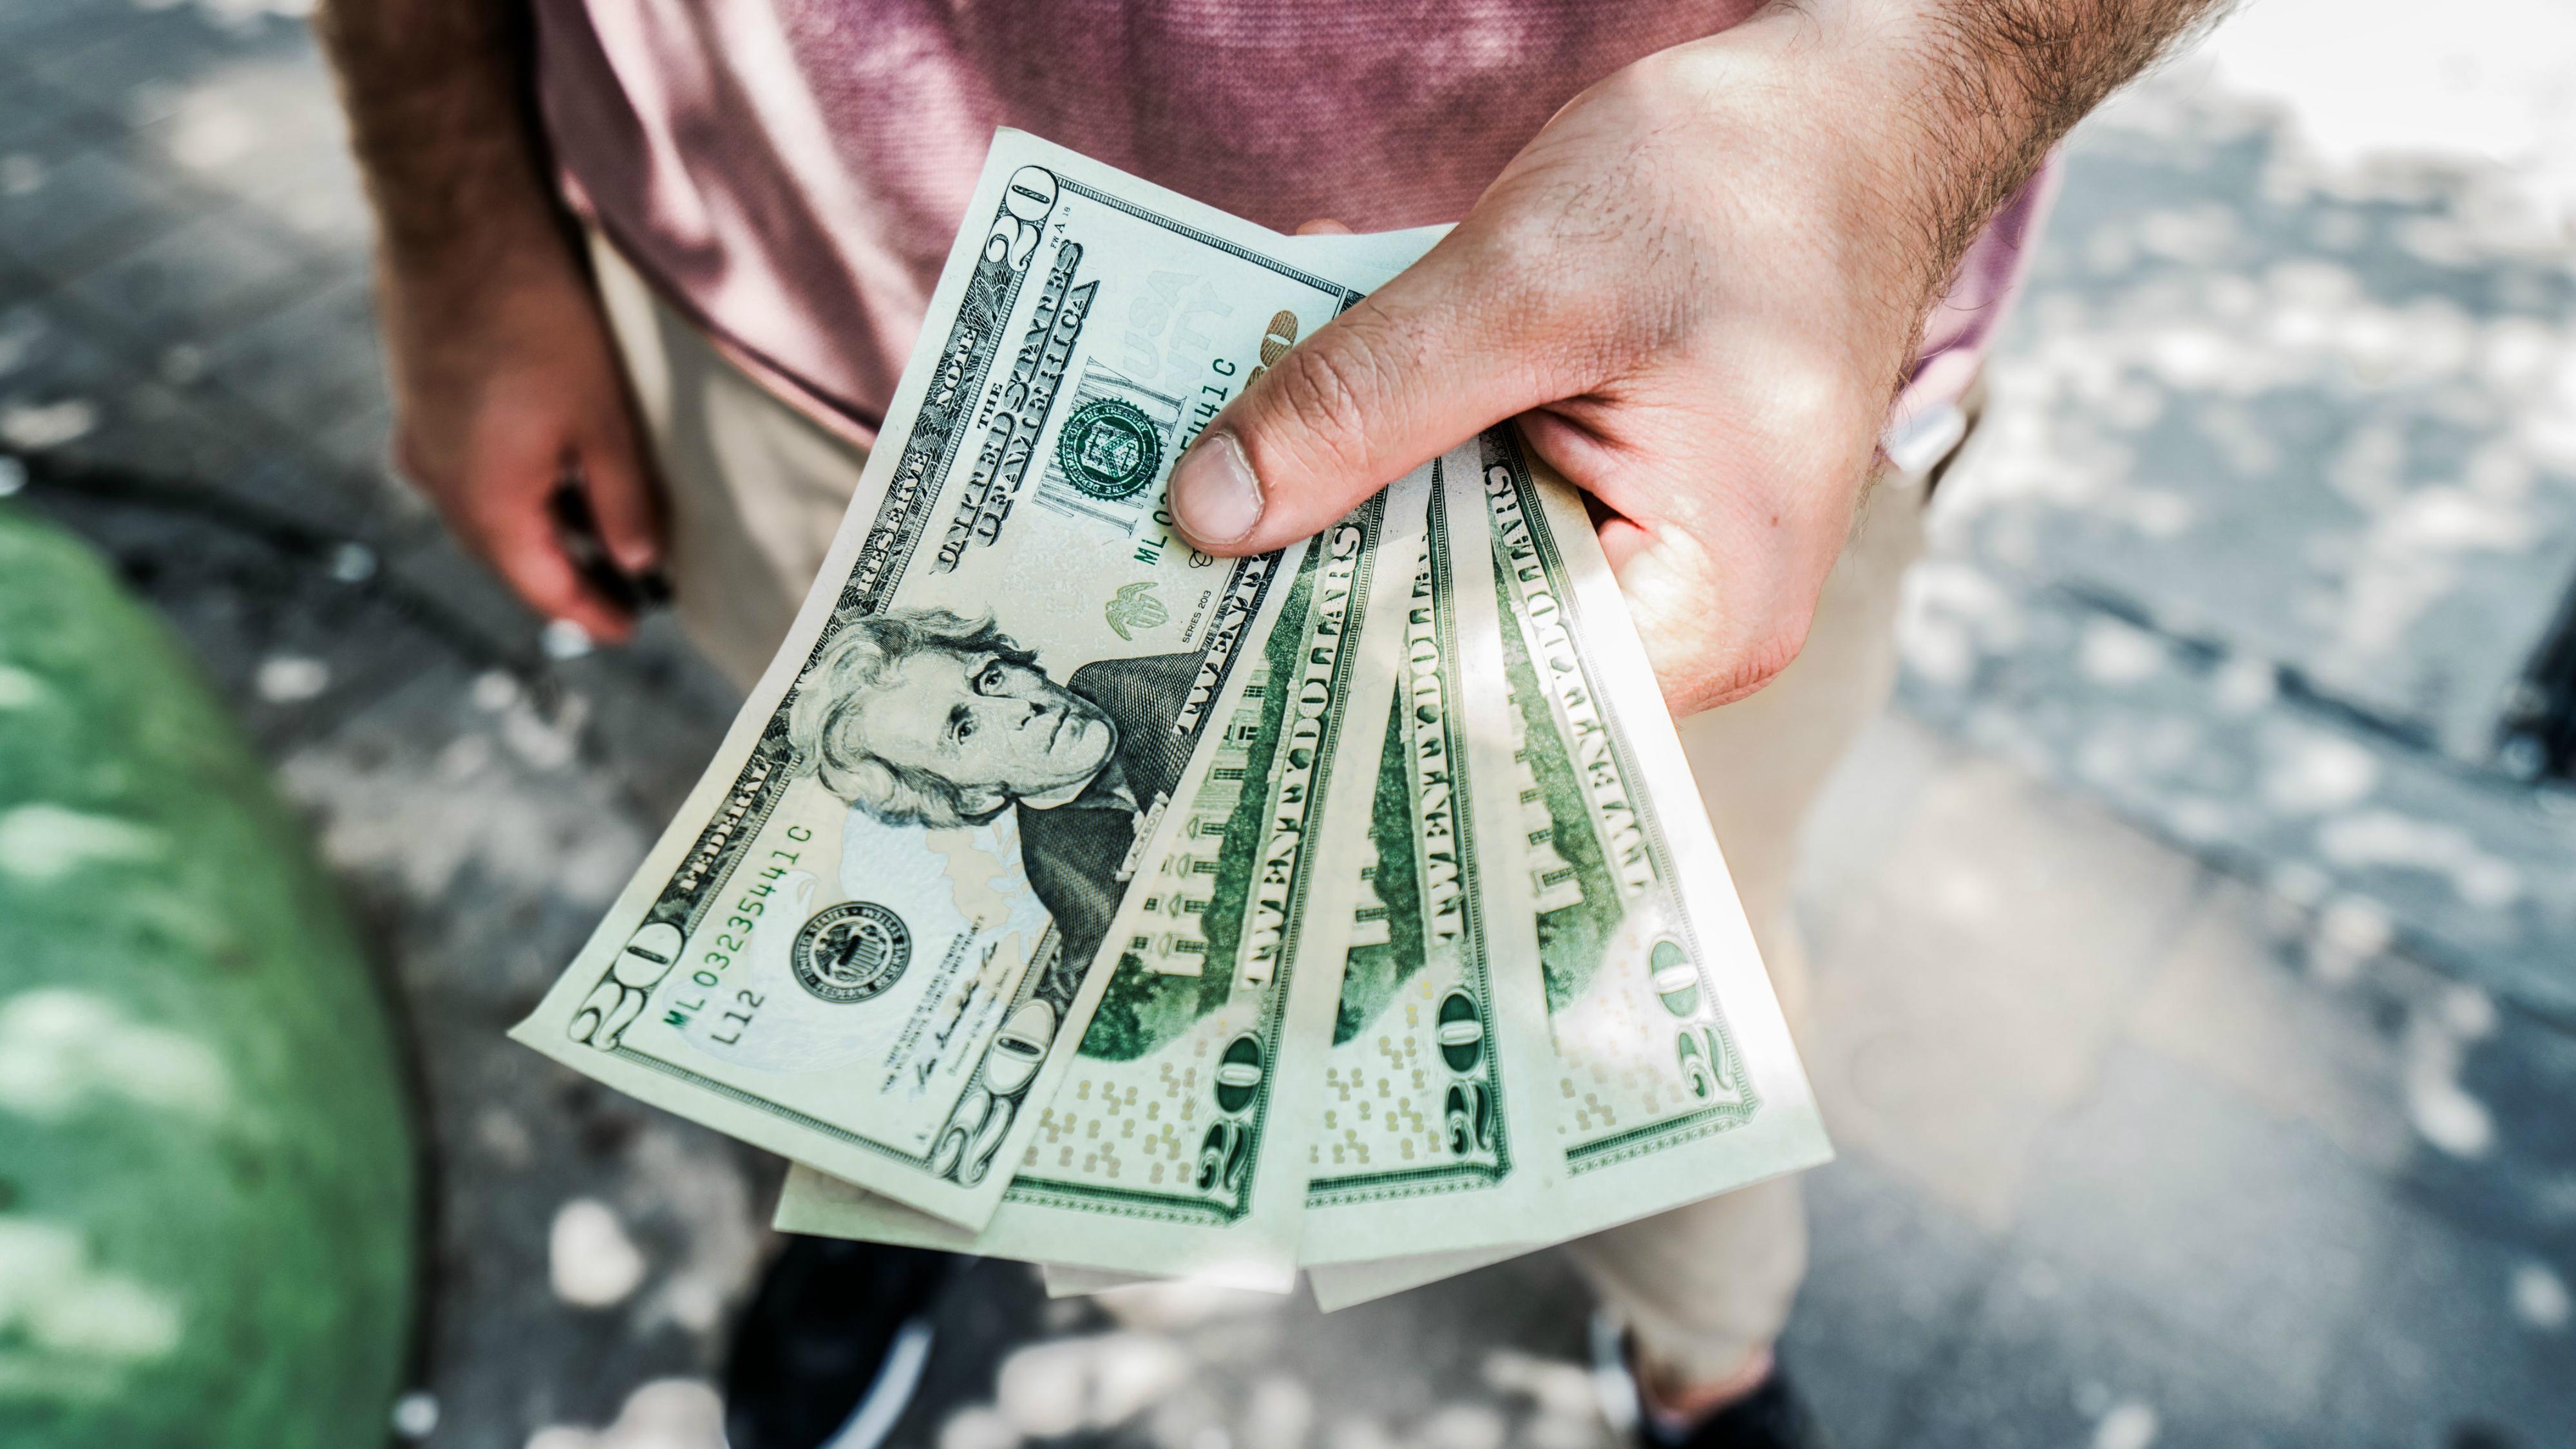 kur labāk nopelnīt naudu internetā)